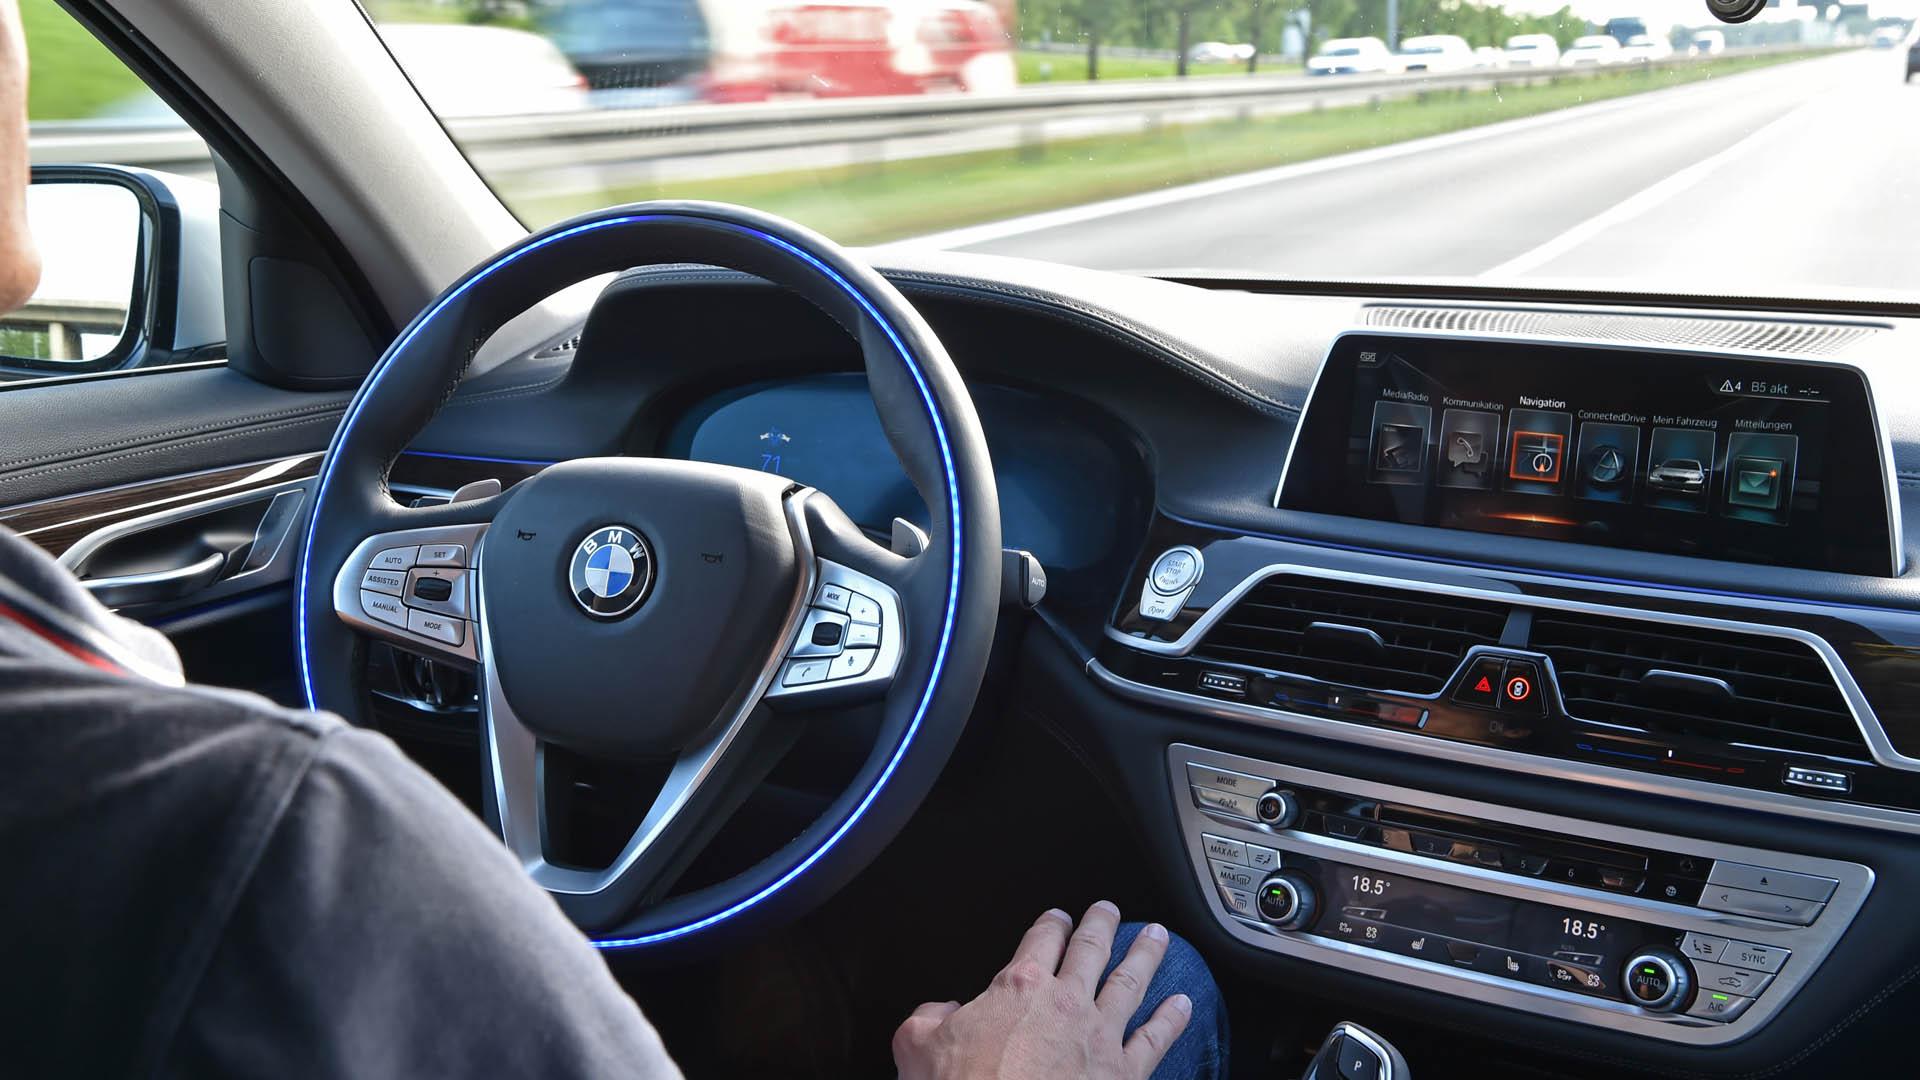 Sind selbstfahrende Autos die Zukunft? Die Autohersteller testen solche Modelle bereits. Wenn die Technik ausgereift ist, könnte sie zuverlässiger sein als ein menschlicher Fahrer.